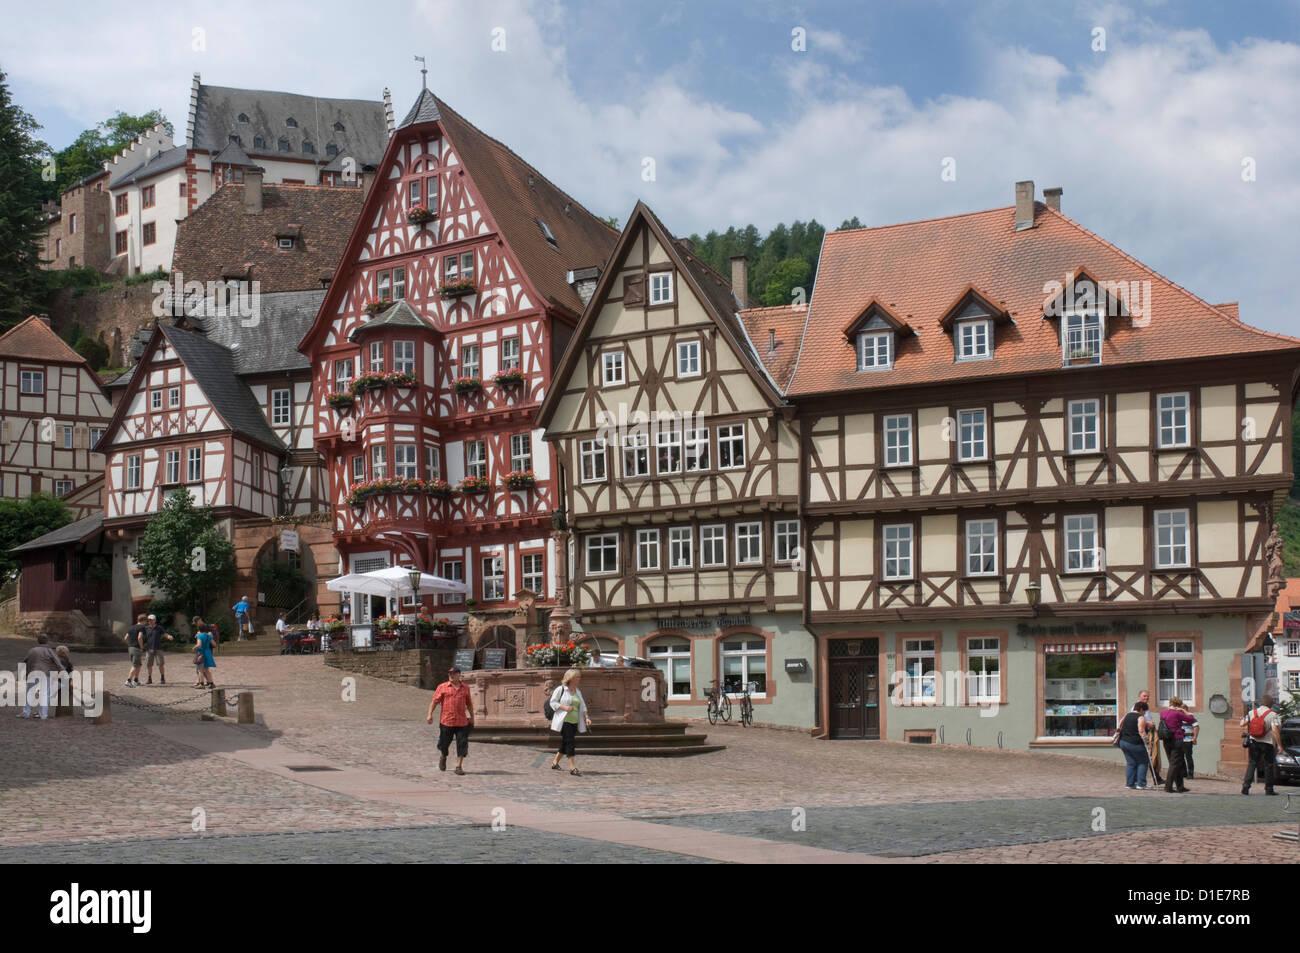 The market place, Miltenberg am Main, Bavaria, Germany, Europe - Stock Image